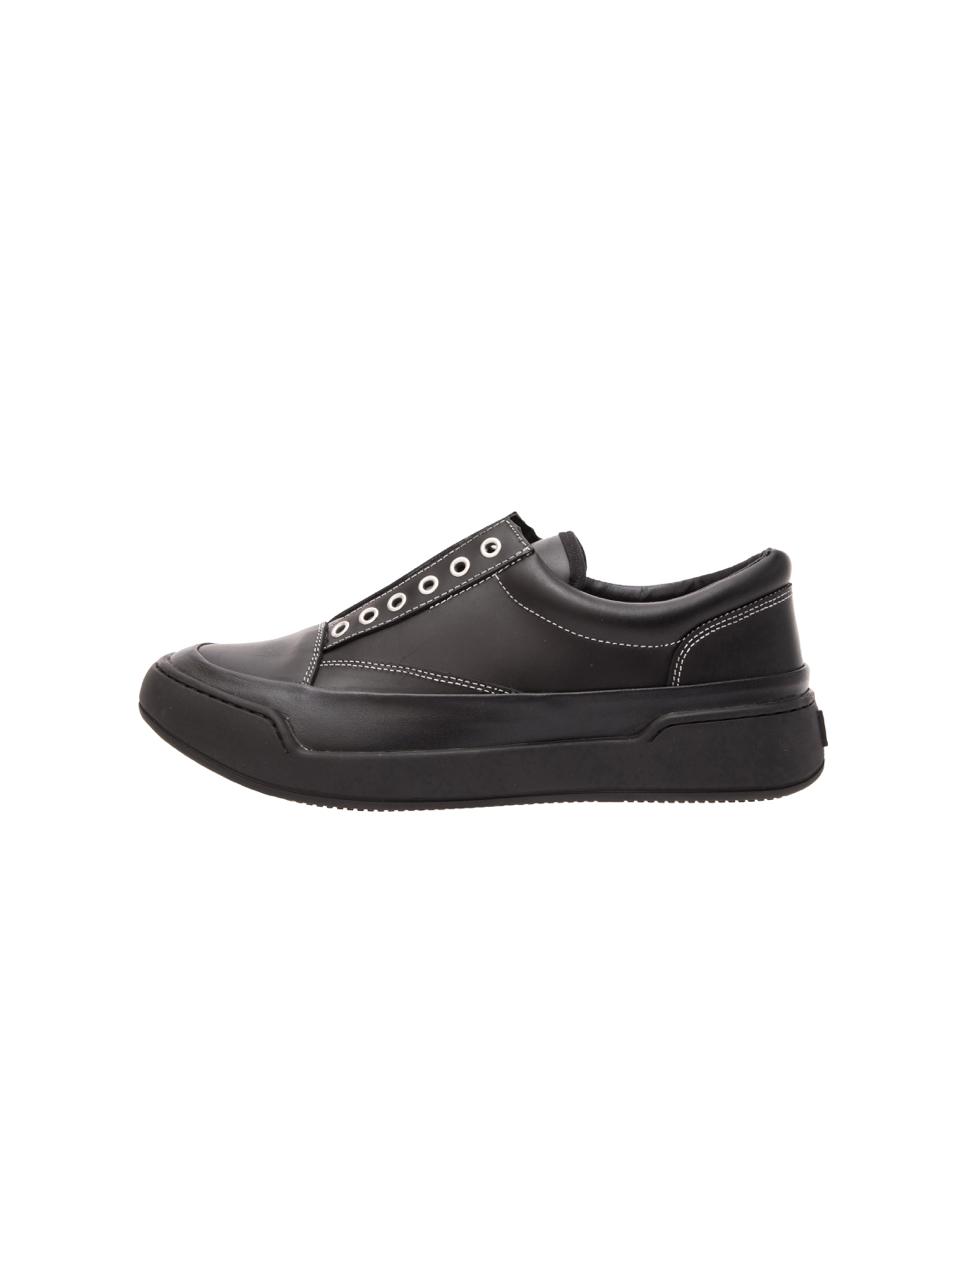 画像2: UNION (Black Leather:限定モデル) Men's / Women's [27,000+TAX]